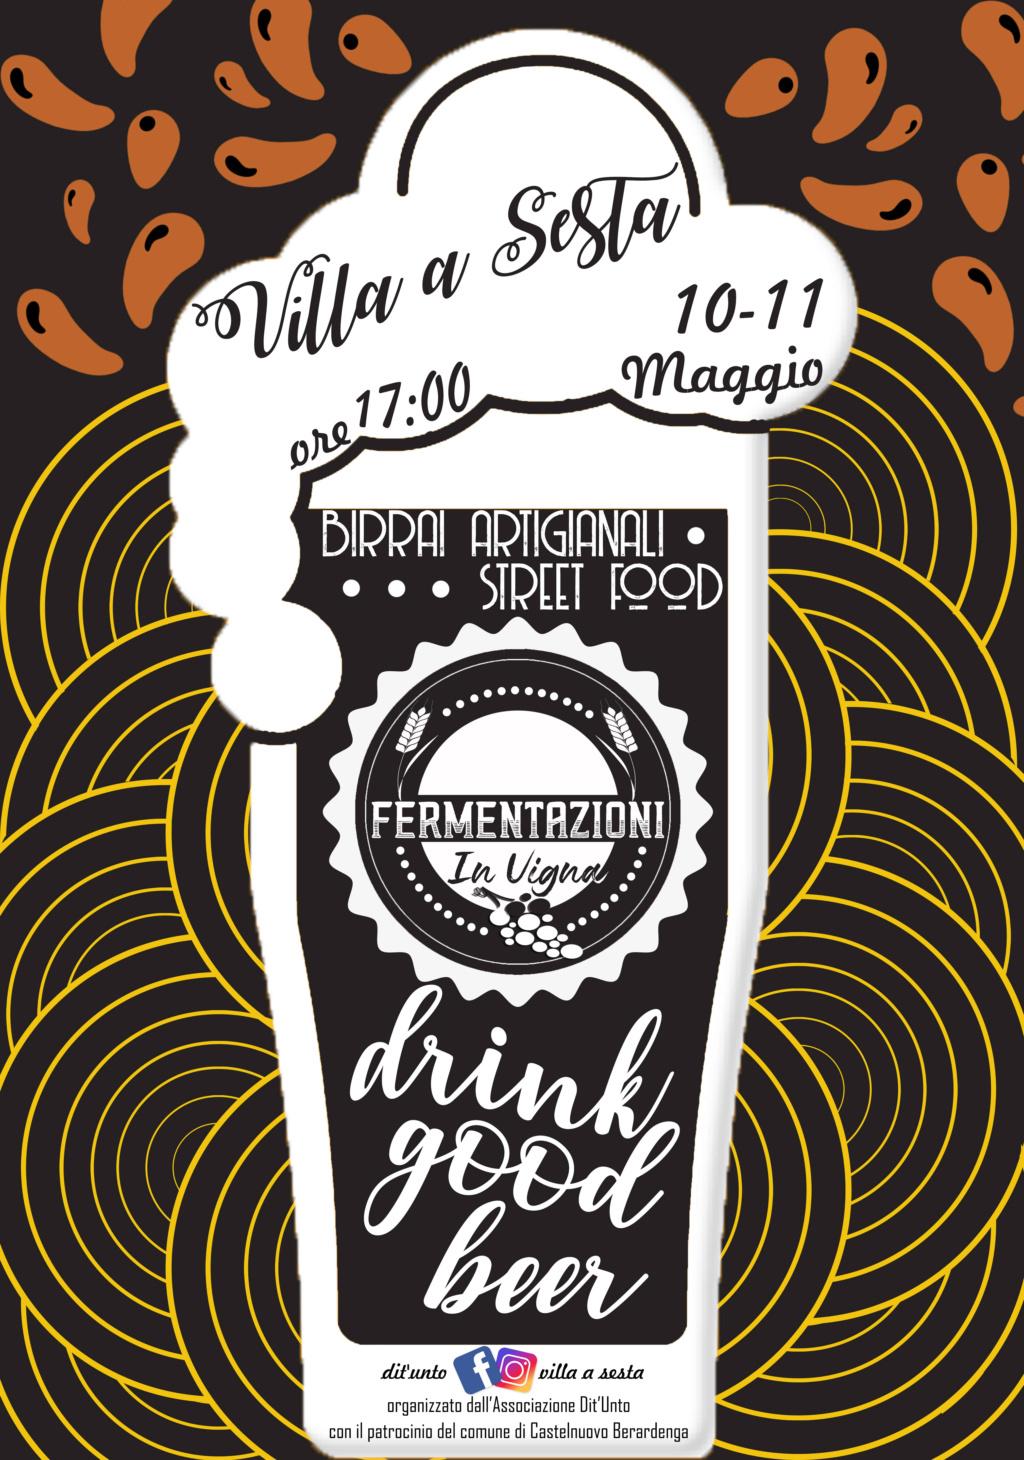 Fermentazioni in vigna - Festival della birra artigianale 10-11 Maggio Volant10